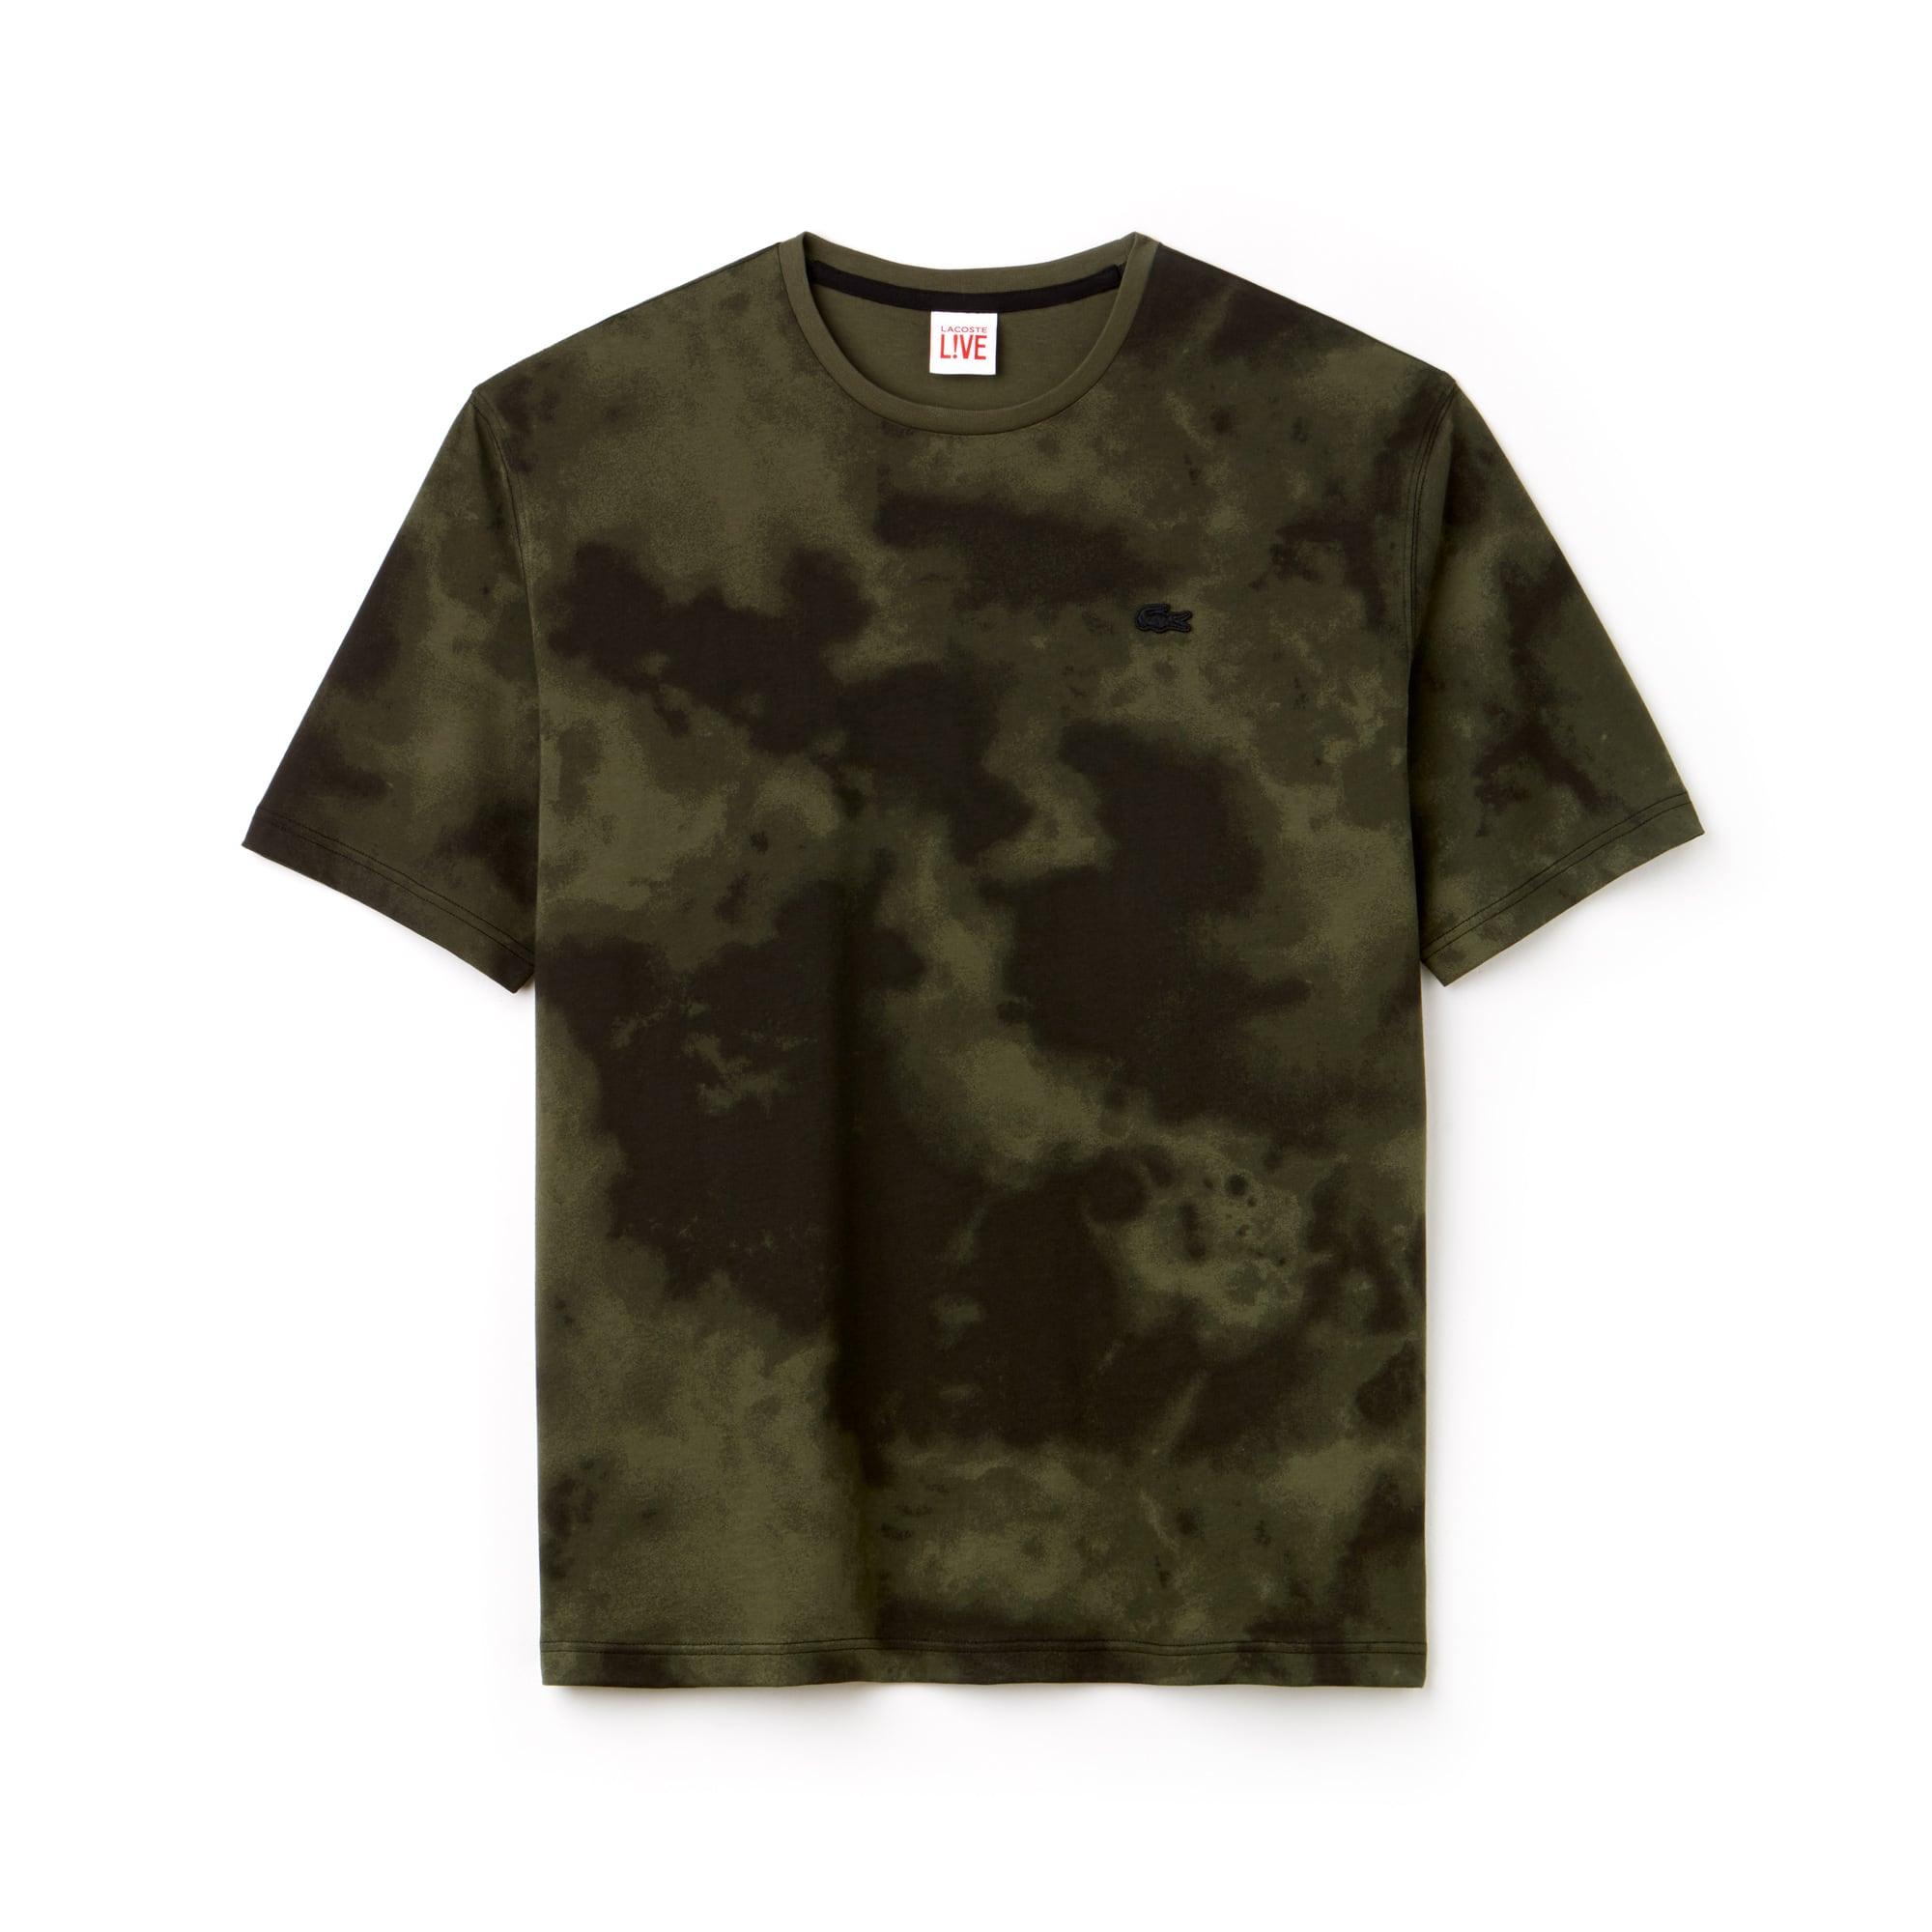 T-shirt col rond Lacoste LIVE en jersey de coton imprimé nuages